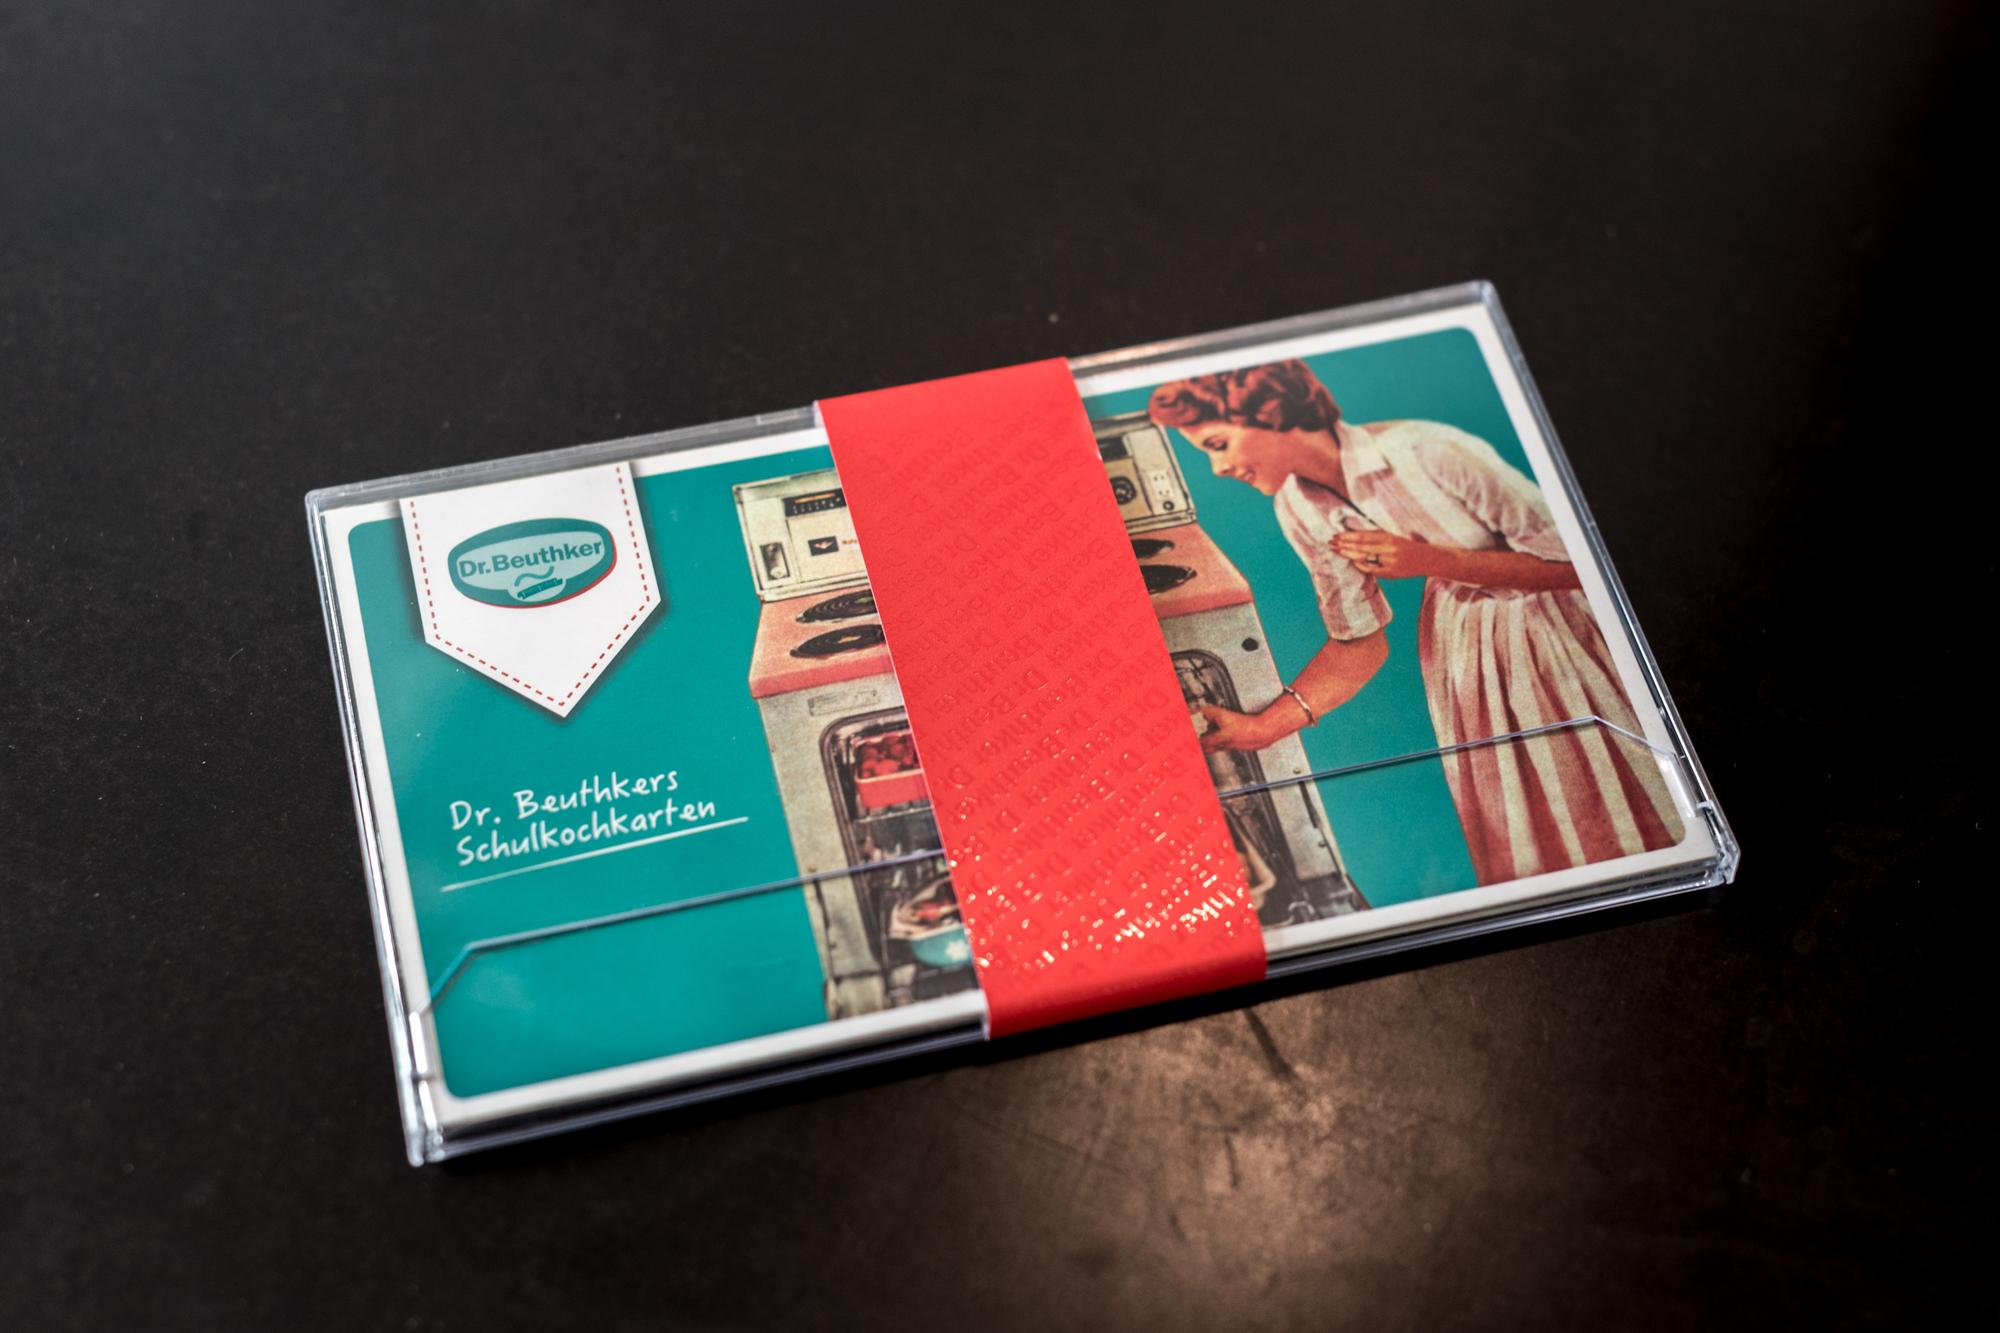 Dr. Beuthkers Schulkochkarten